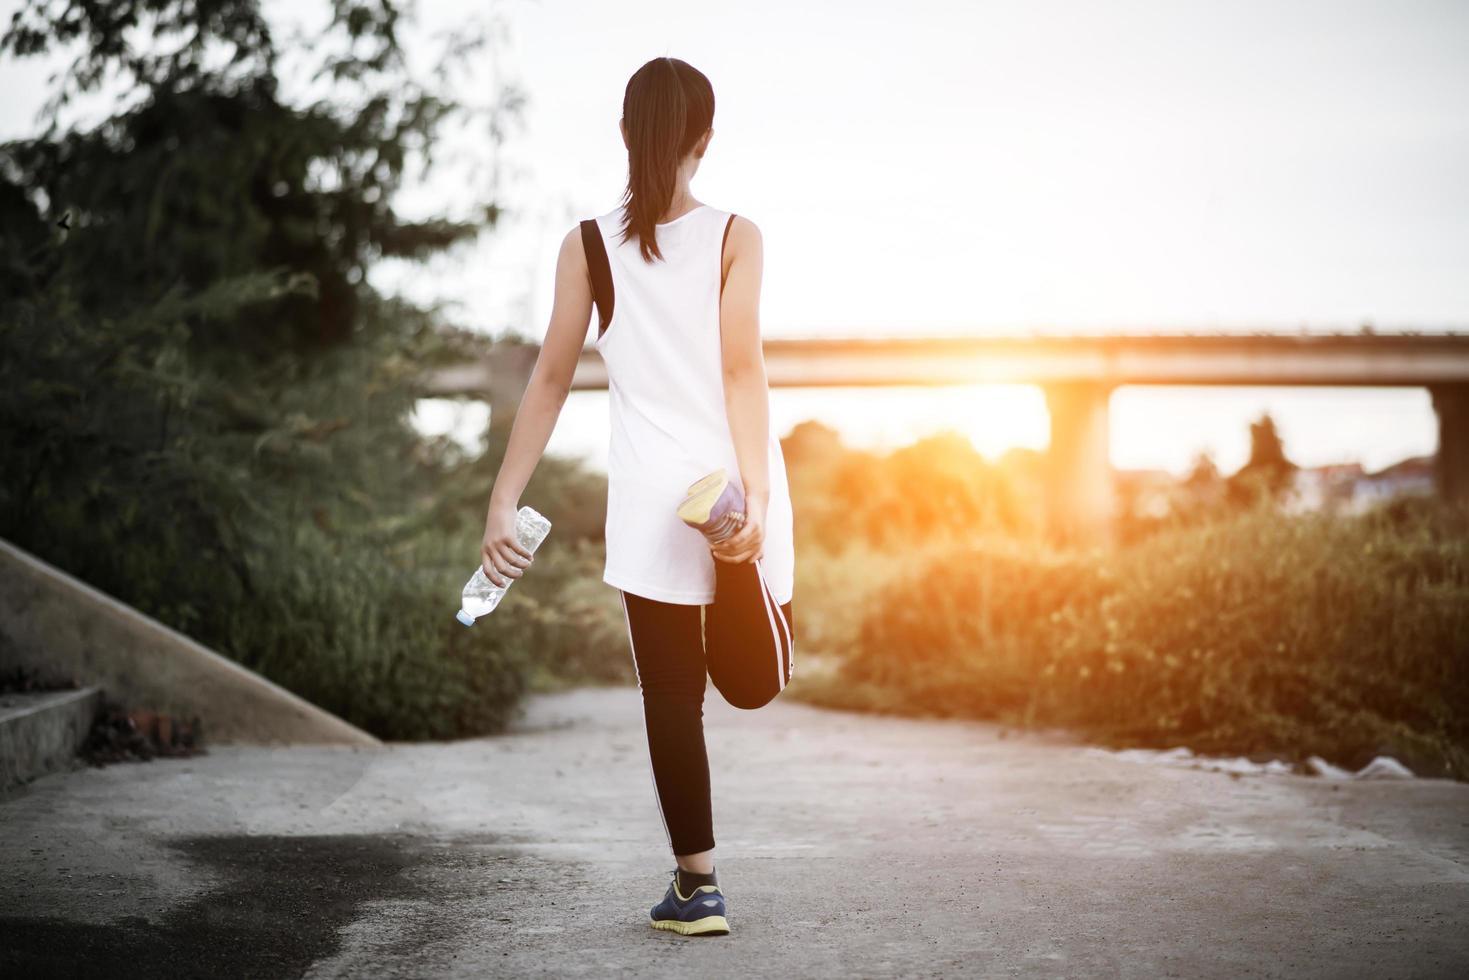 Joven adolescente fitness sosteniendo una botella de agua después de ejecutar el ejercicio foto